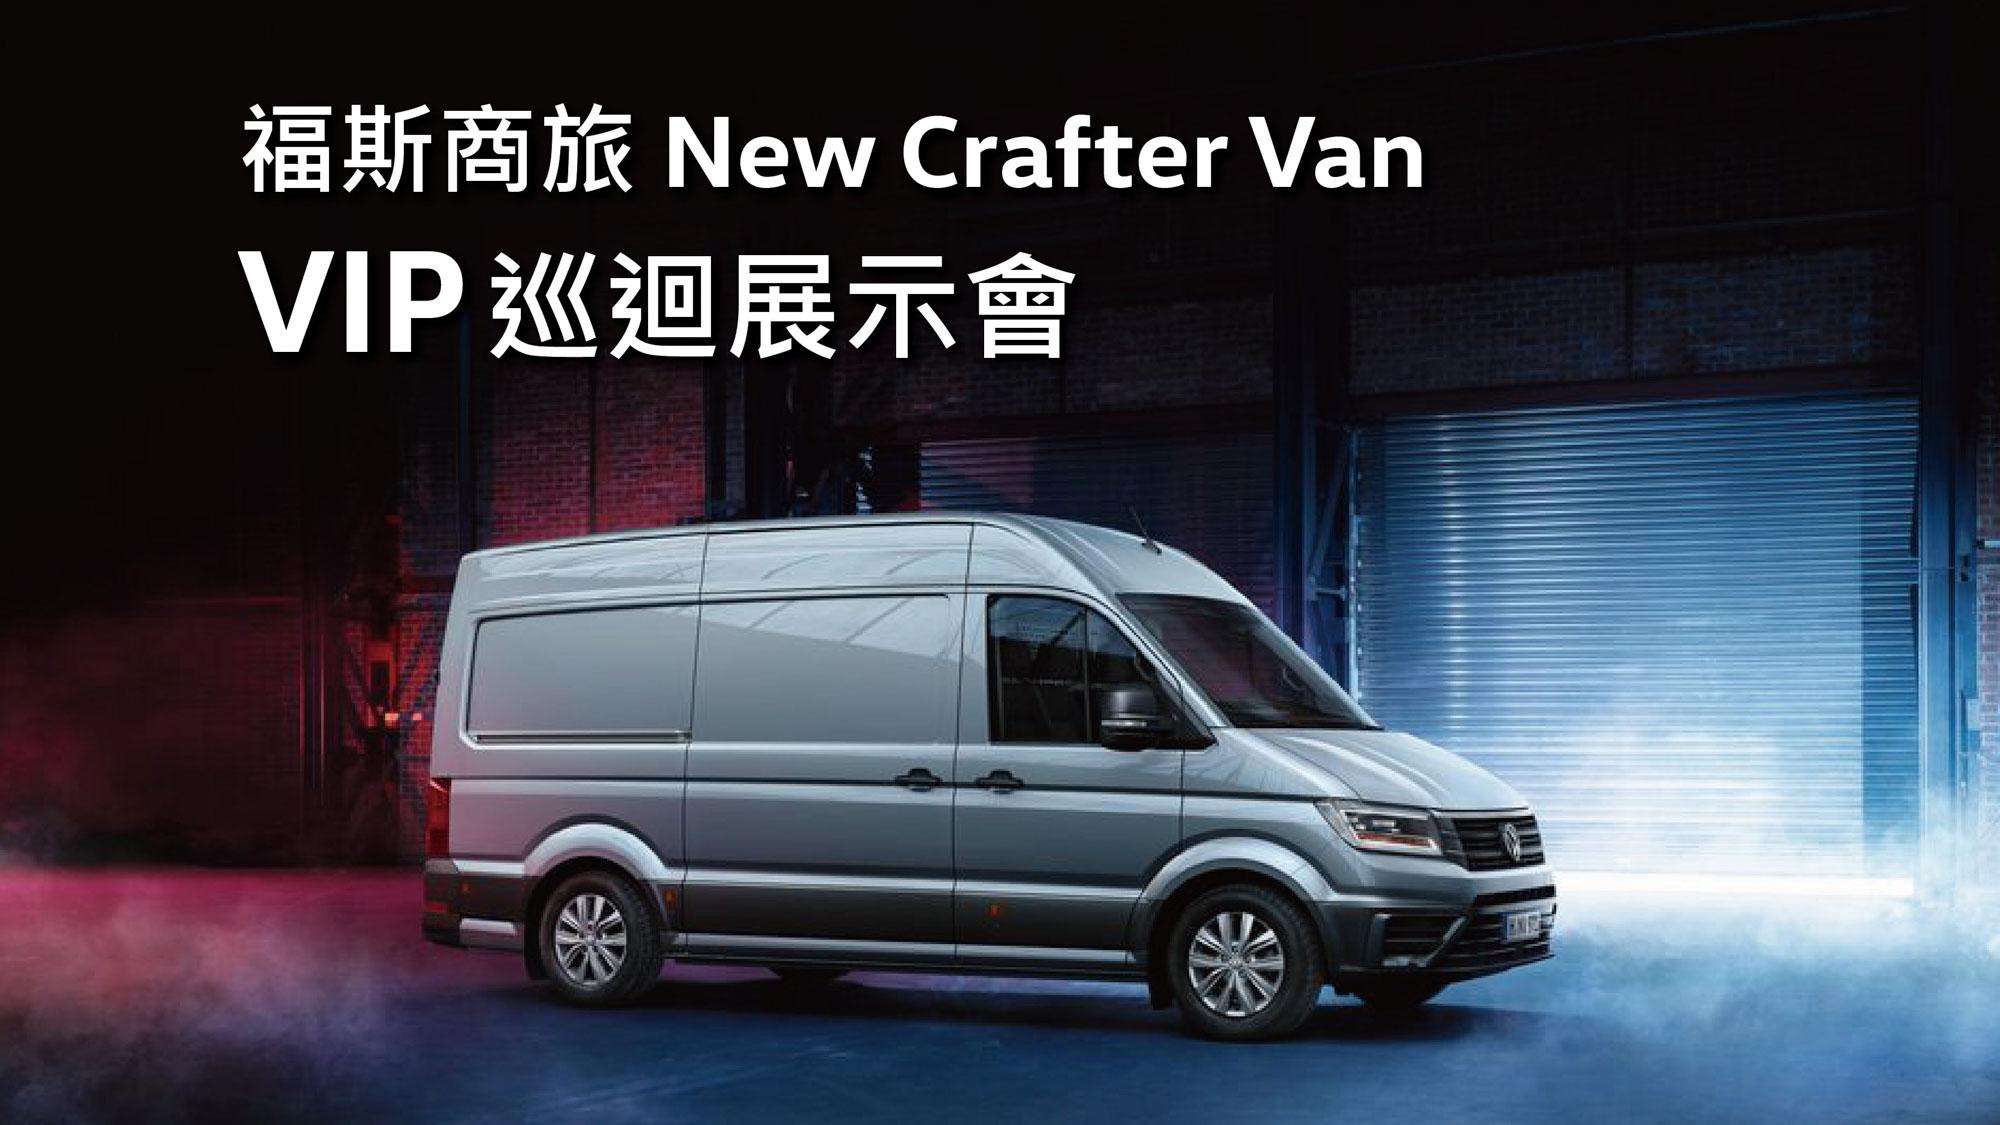 全員到齊!福斯商旅 New Crafter Van VIP 巡展會 11/6 啟動